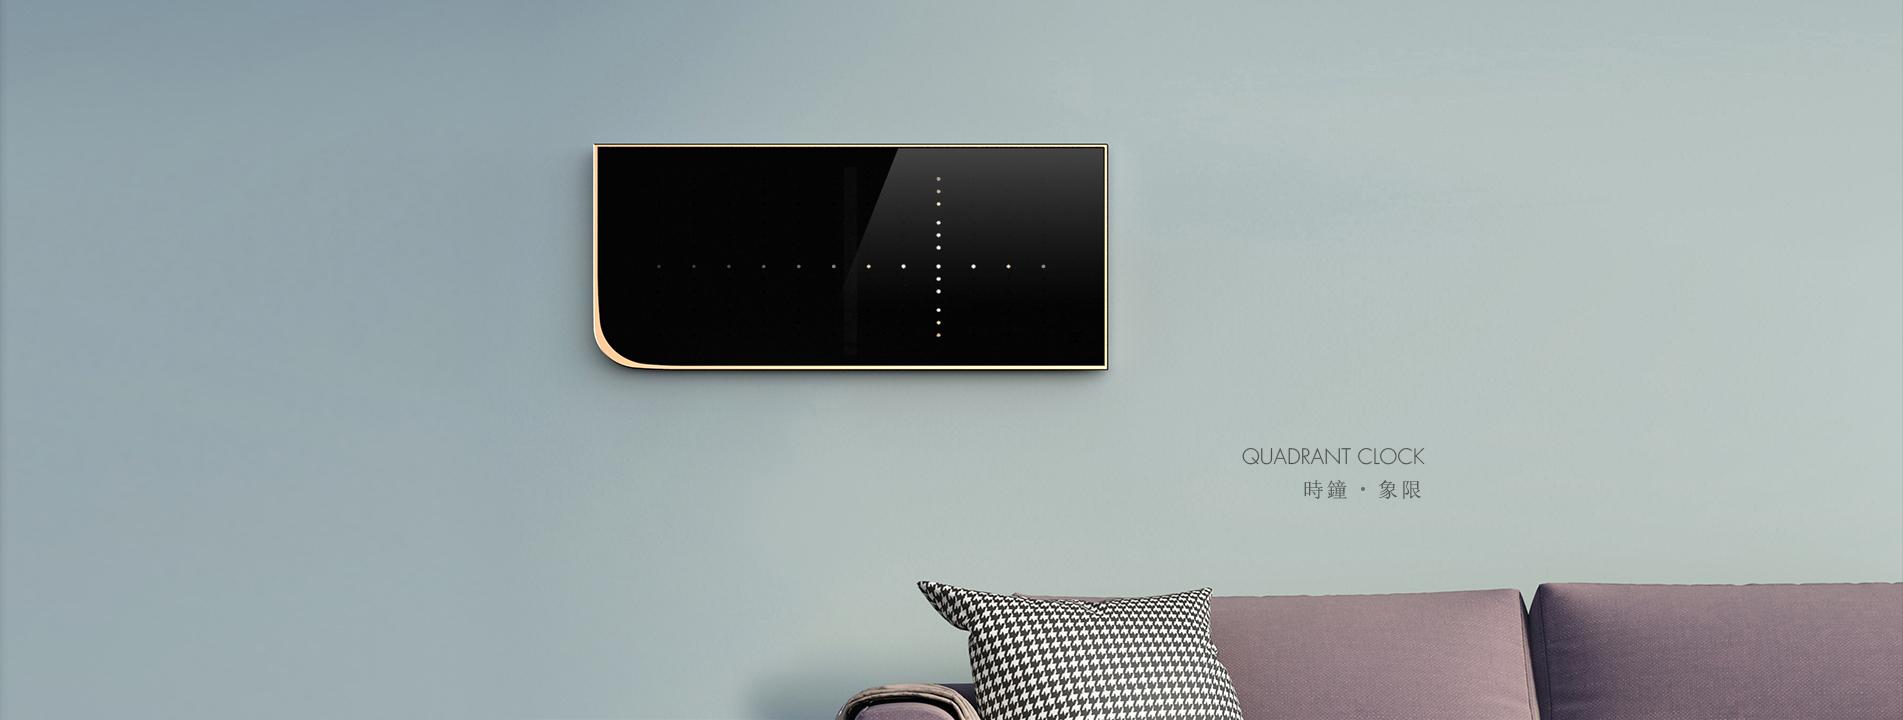 Quadrant Clock